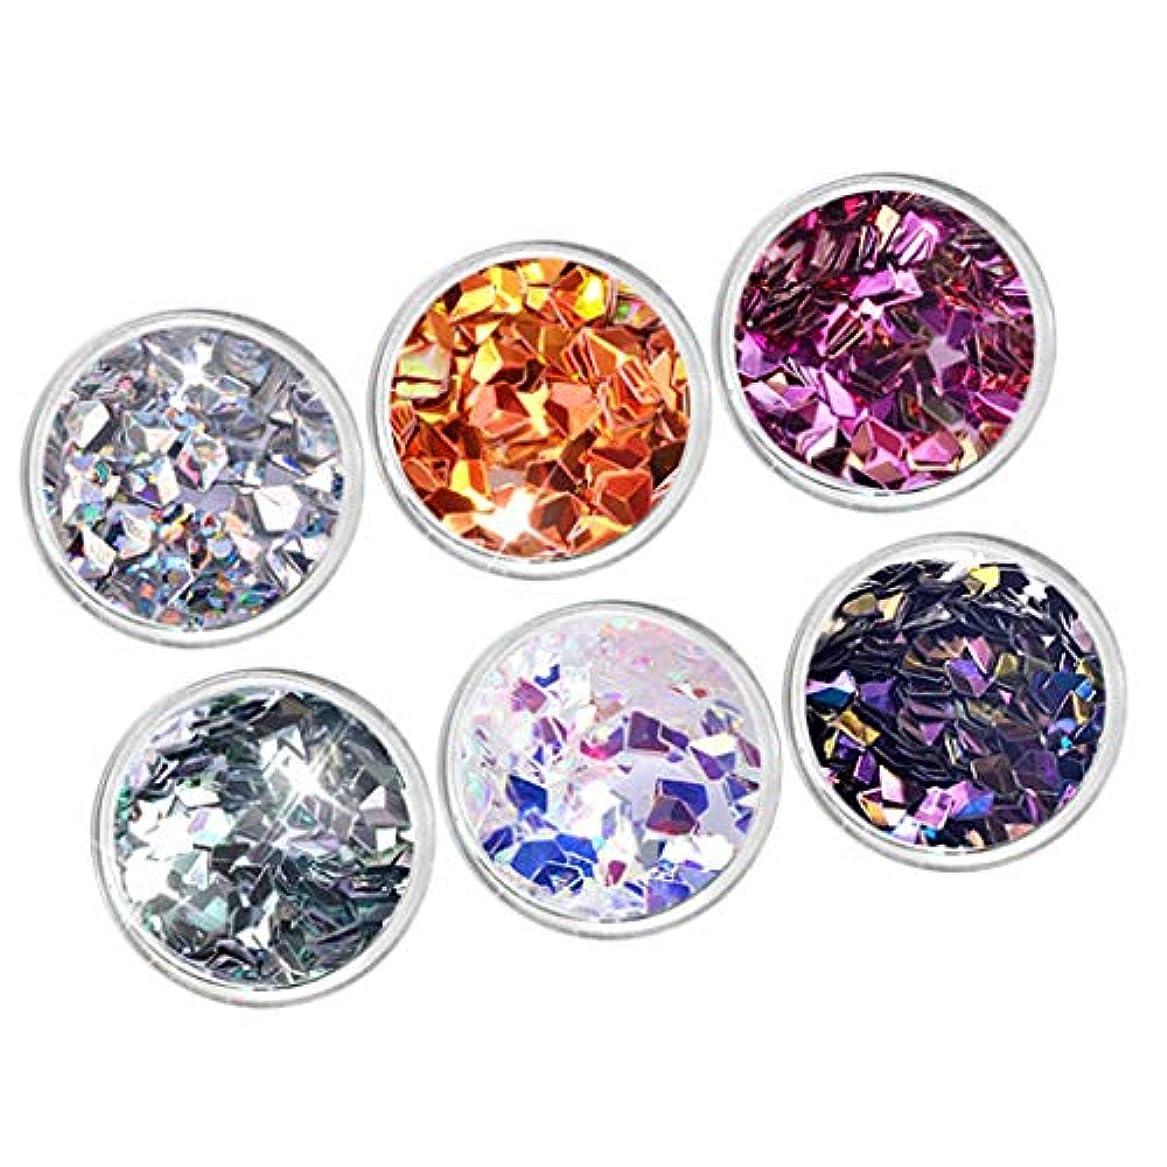 滅びる先見の明スコットランド人DYNWAVE 6箱ネイルアートキラキラスパンコールダイヤモンドフレークホログラフィック3Dデコレーション - ダイヤモンド